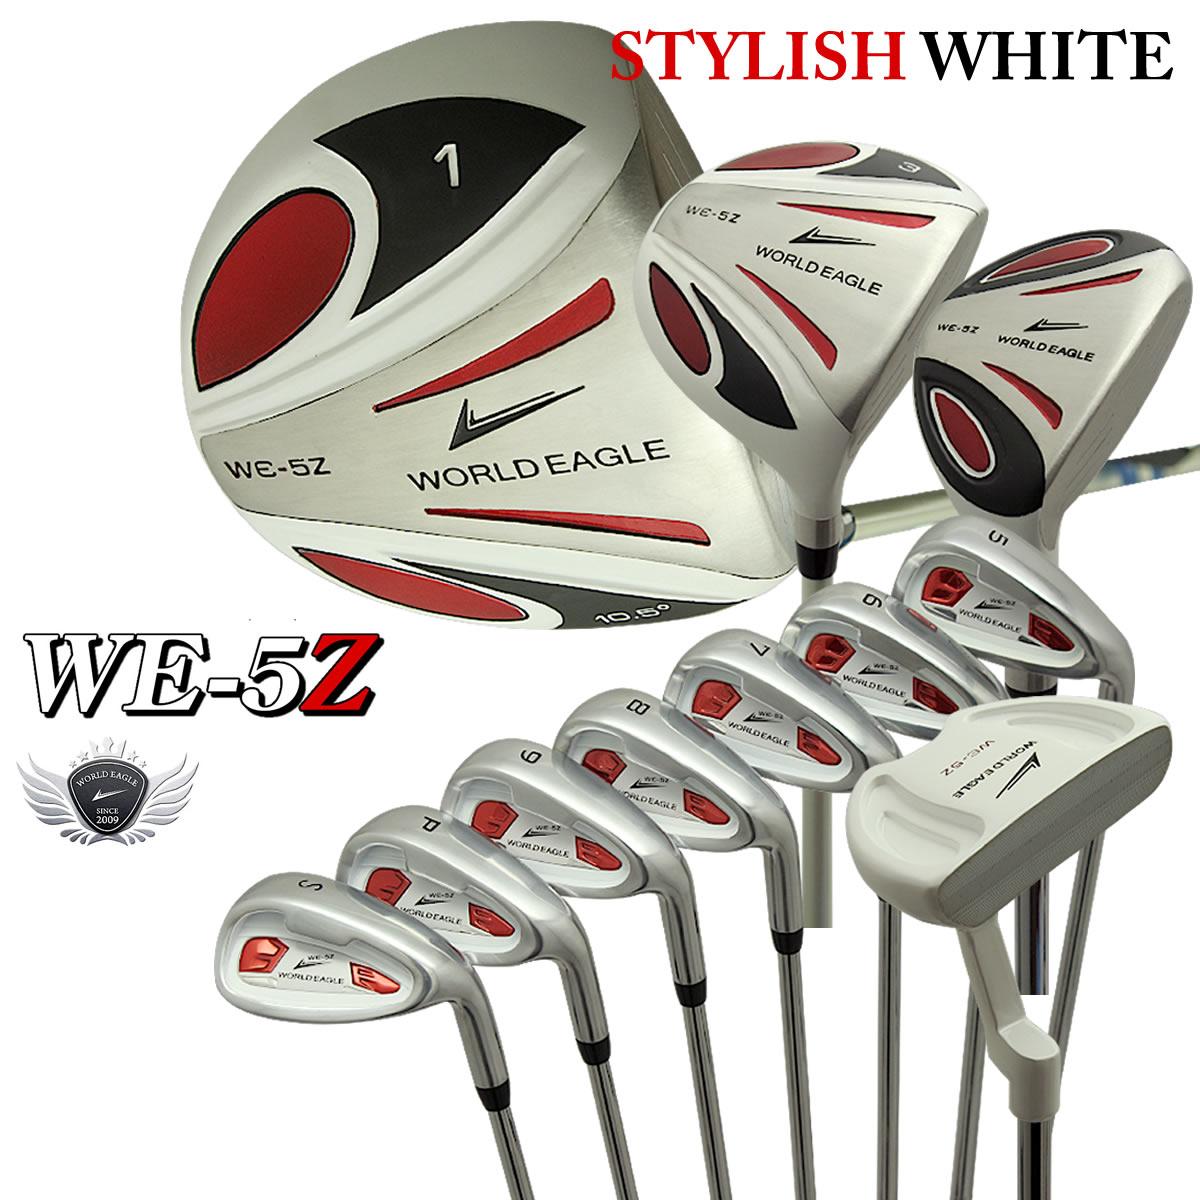 ワールドイーグル 5Zホワイト メンズゴルフクラブセット【右用】【初心者 初級者 ビギナー】【最安値に挑戦】【送料無料】【】 初心者から楽しく遊べるゴルフクラブセット